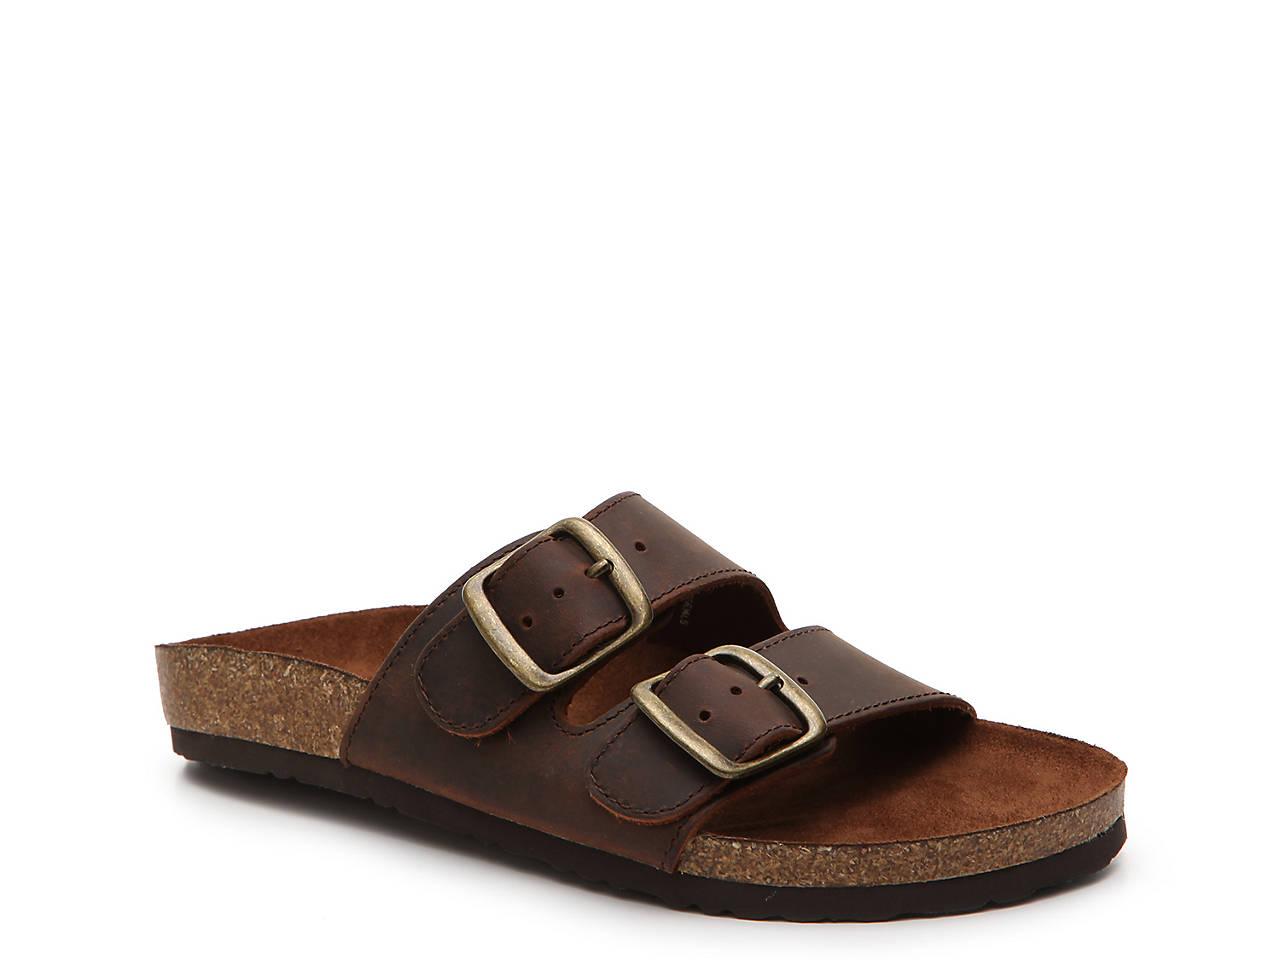 fc8922a1fd28 White Mountain Helga Sandal Women s Shoes